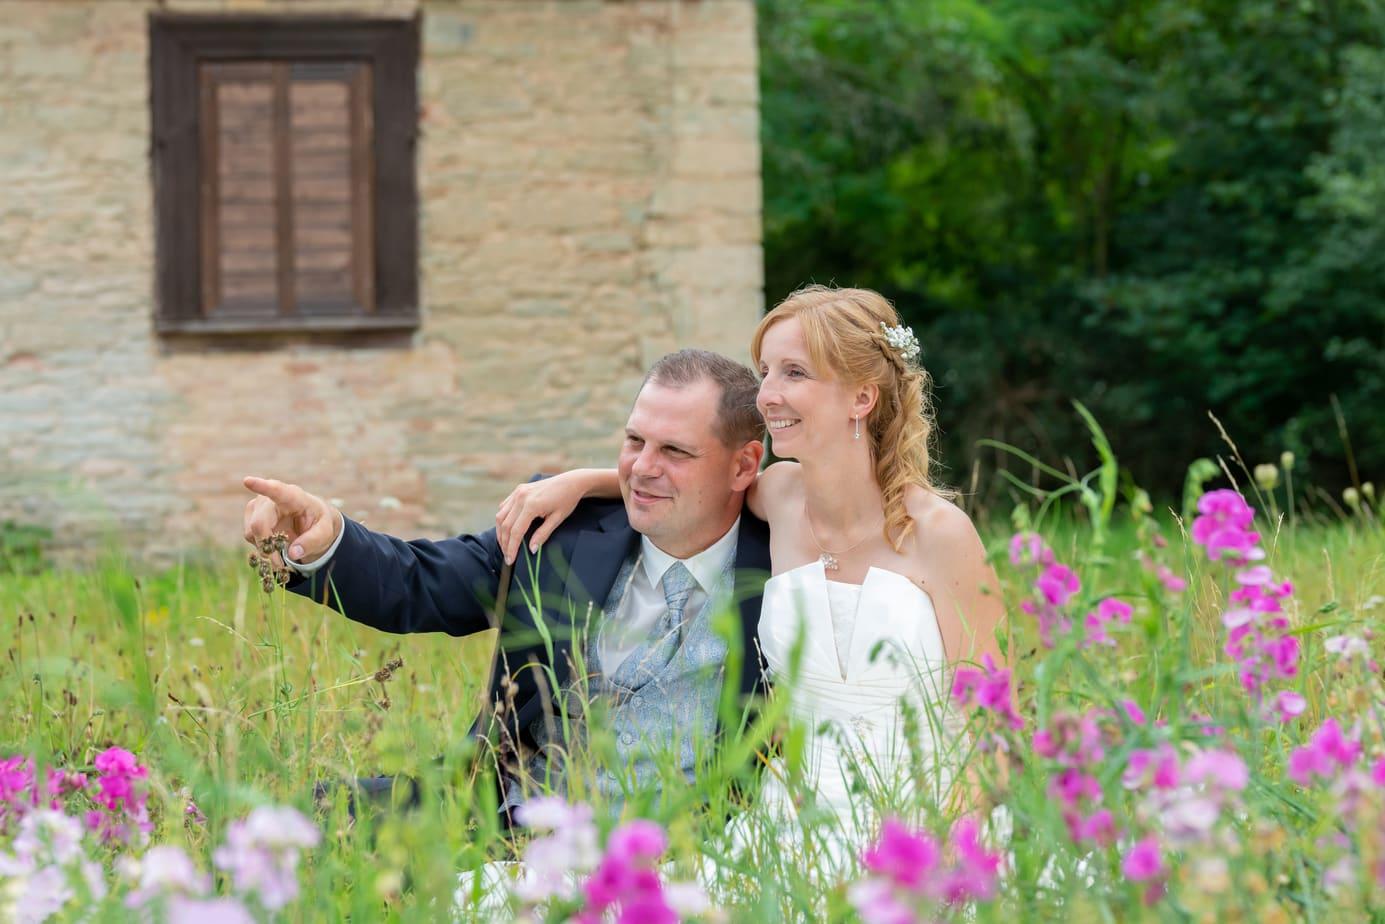 Brautpaar in der Wiese hinter Blumen